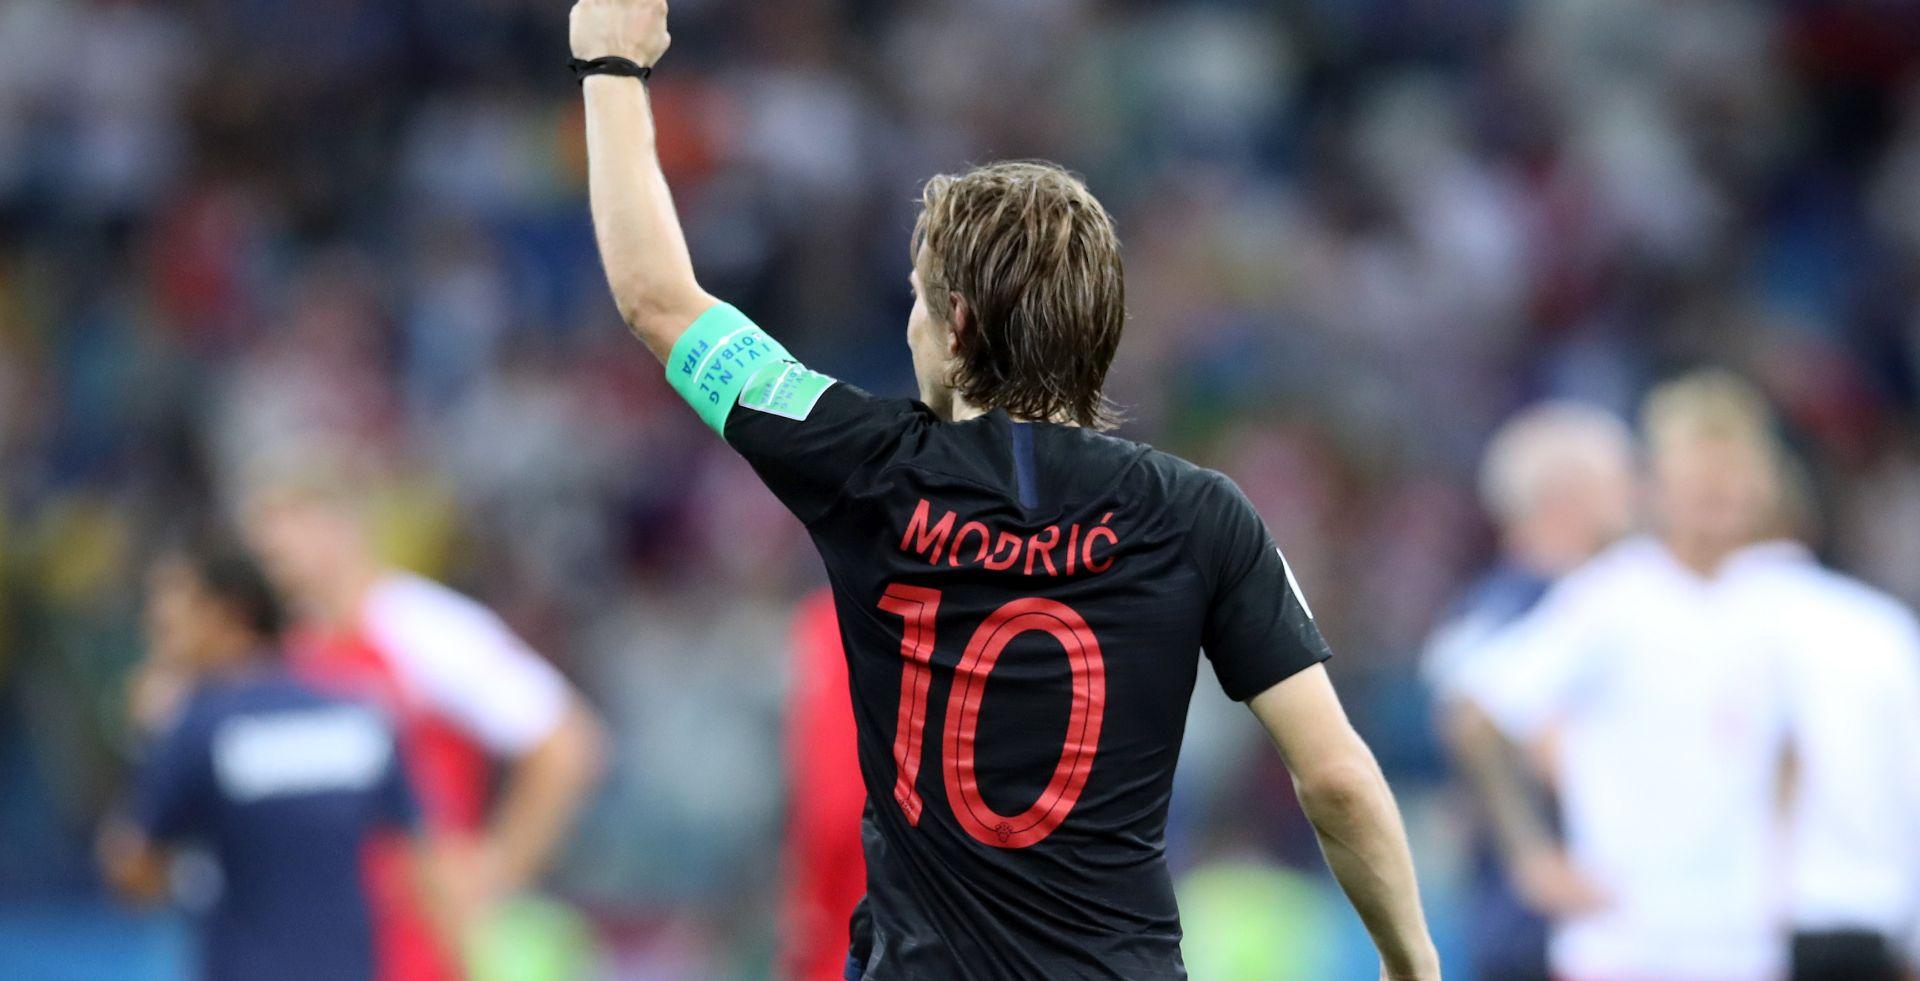 Modrić među tri kandidata za najboljeg igrača Europe